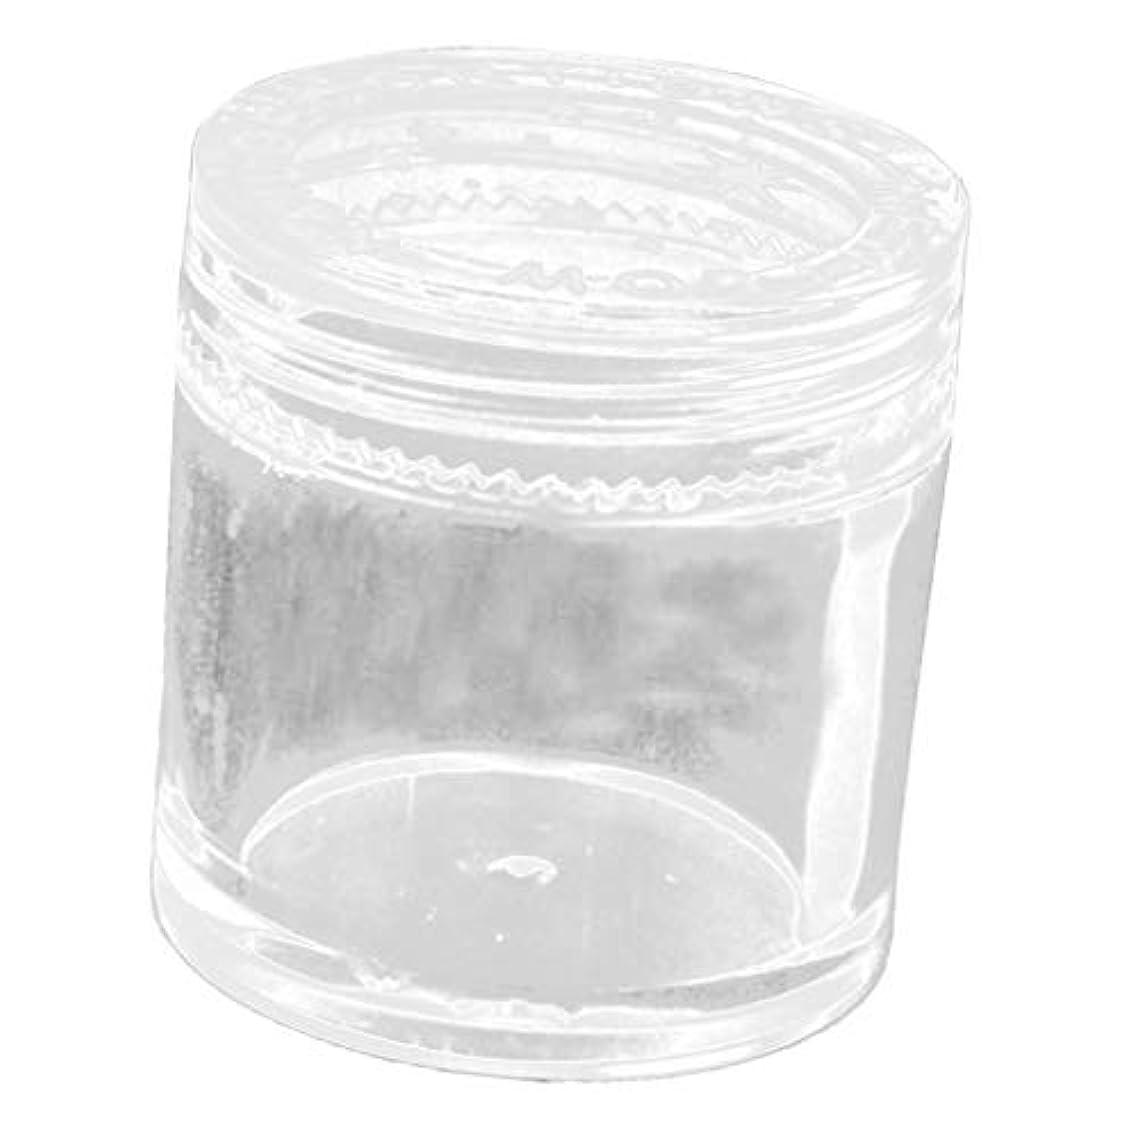 年金受給者コンテンツソートDYNWAVE ネイルアートケース ジュエリーボックス 小物入れ 収納瓶 工芸品 ビーズ 宝石 収納ボックス 透明